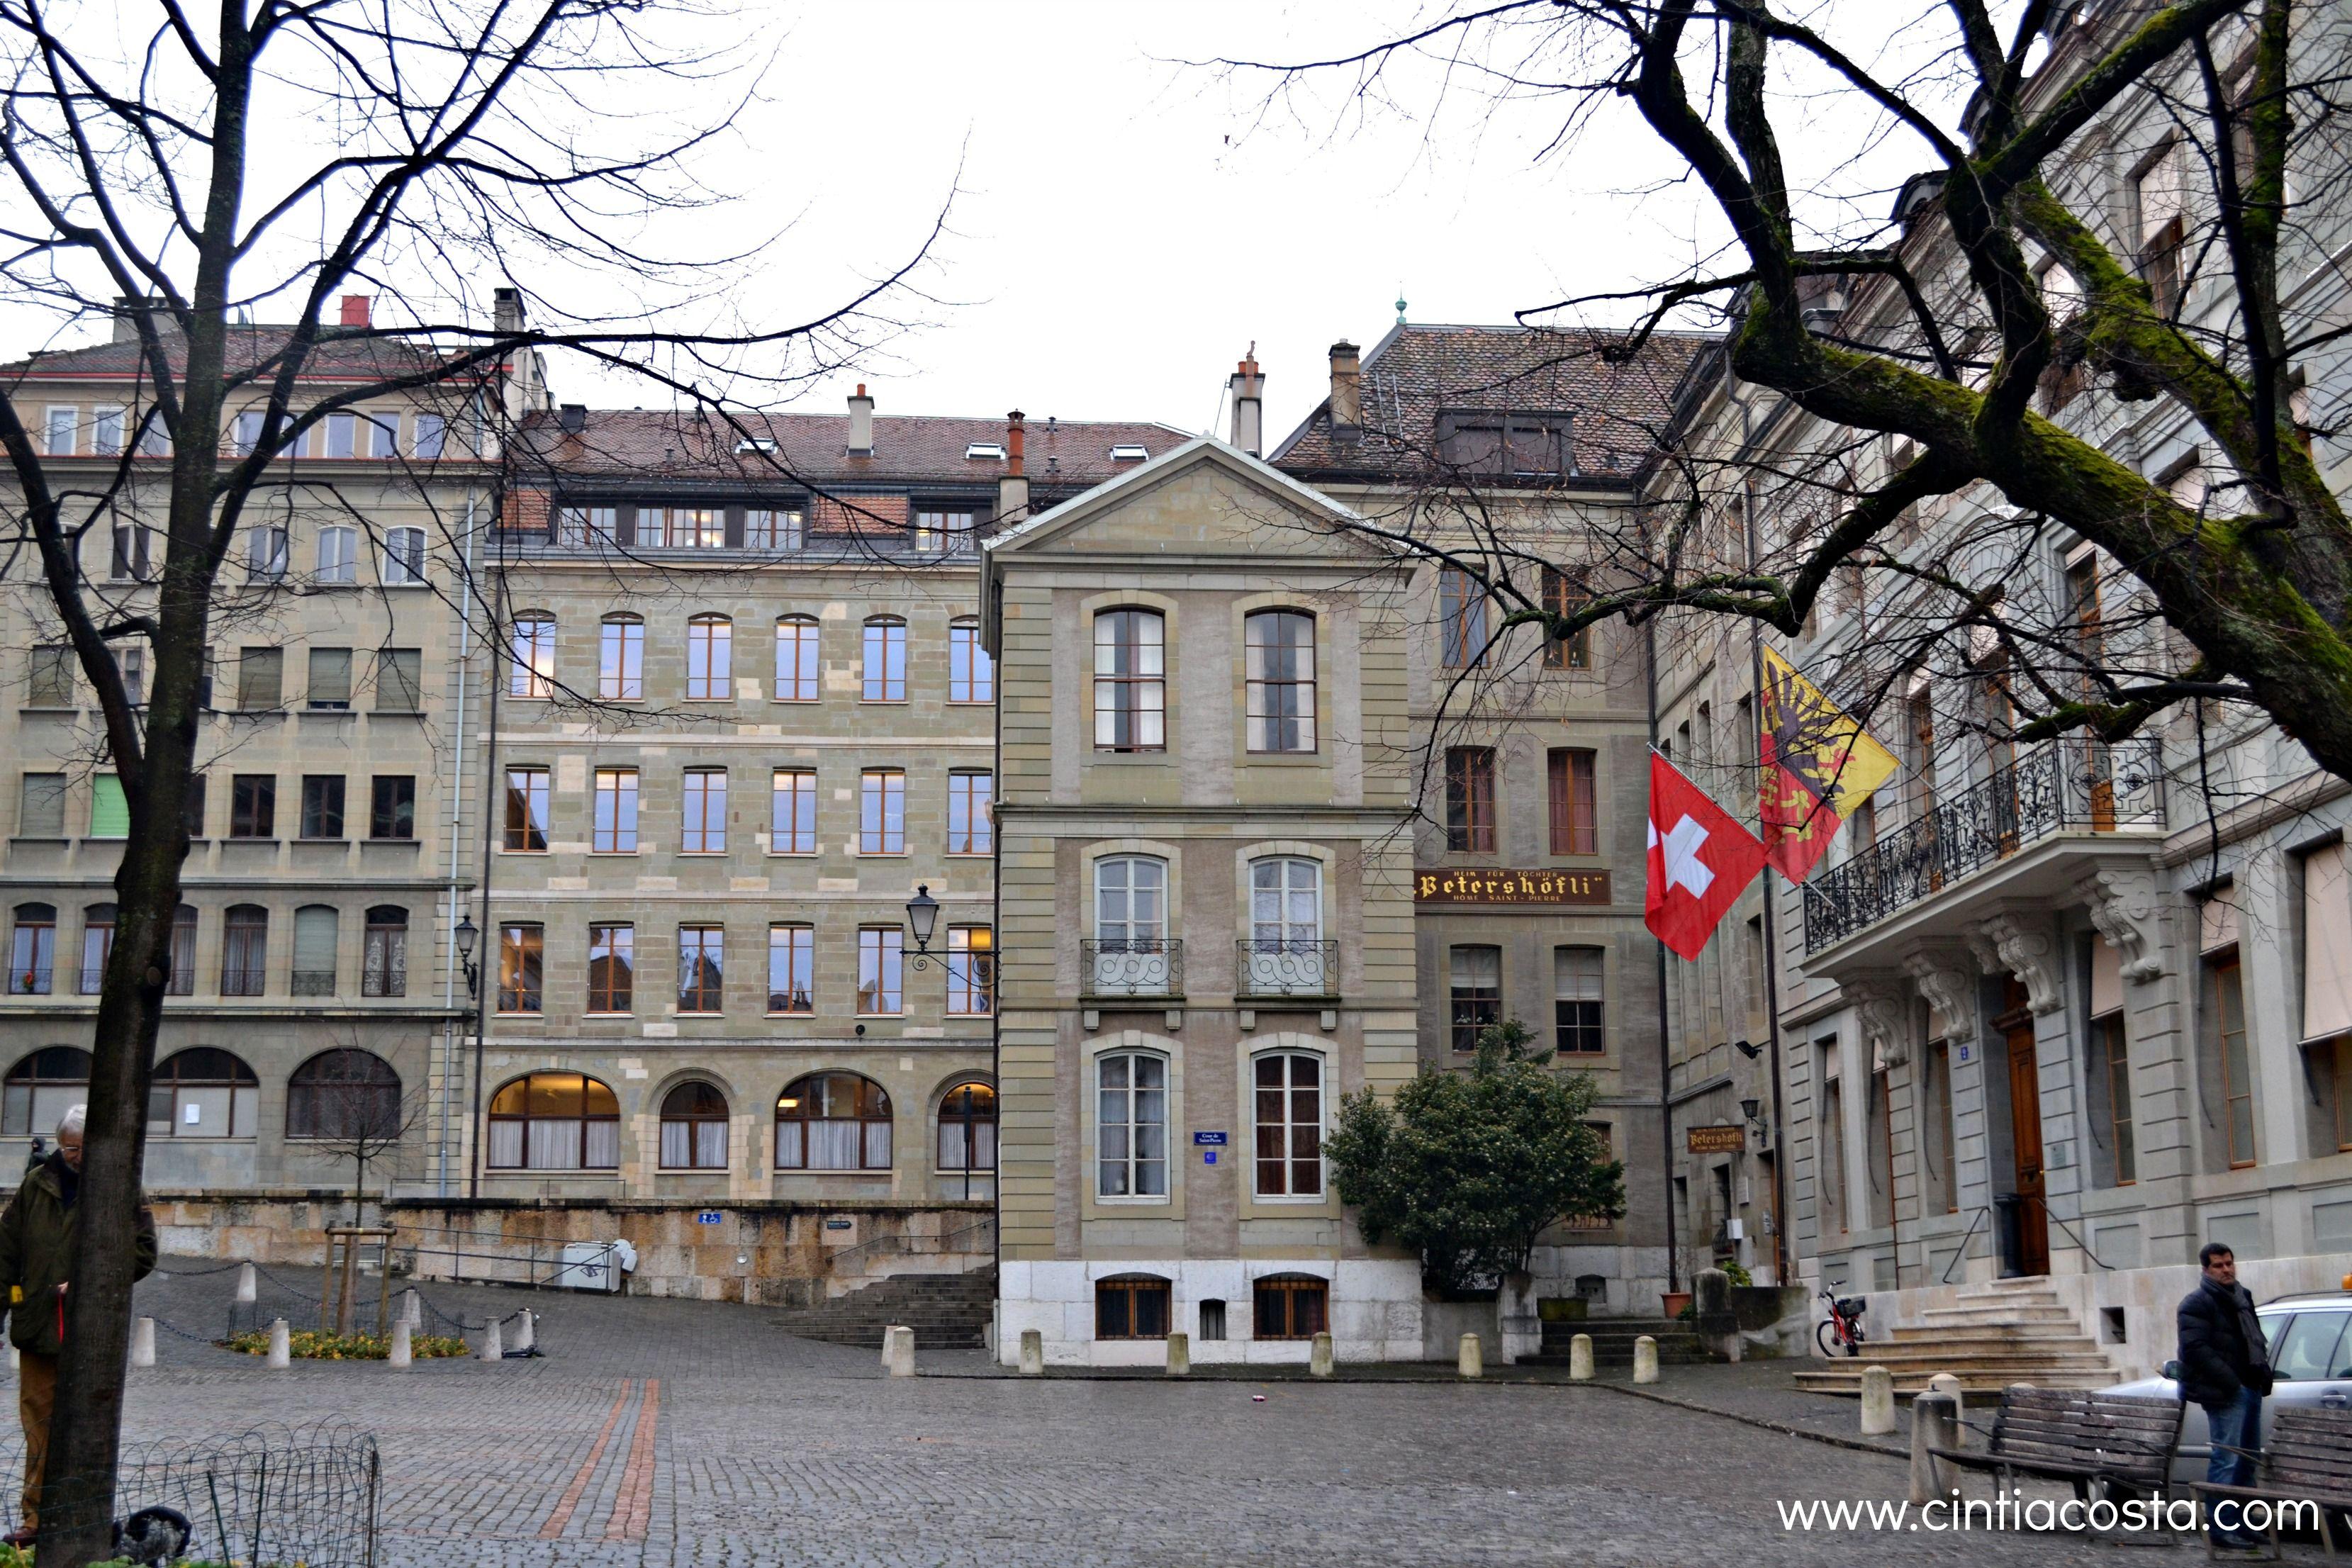 Vielle Vile - Geneva, Switzerland